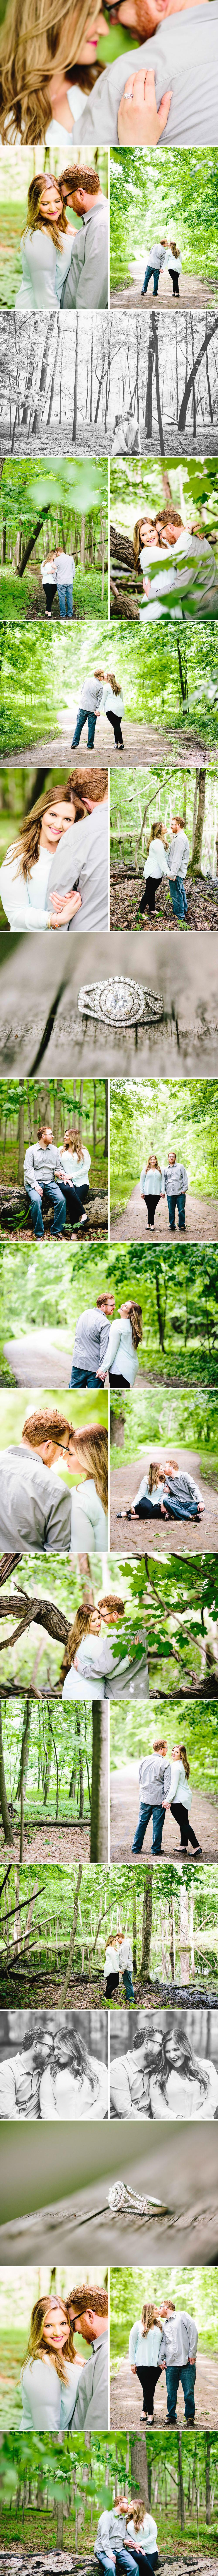 chicago-fine-art-wedding-photography-megmike